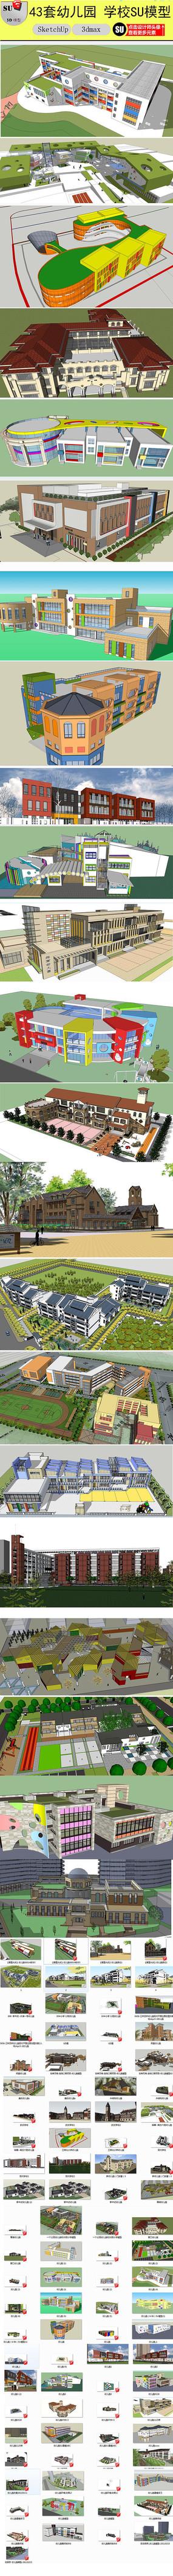 幼儿园建筑